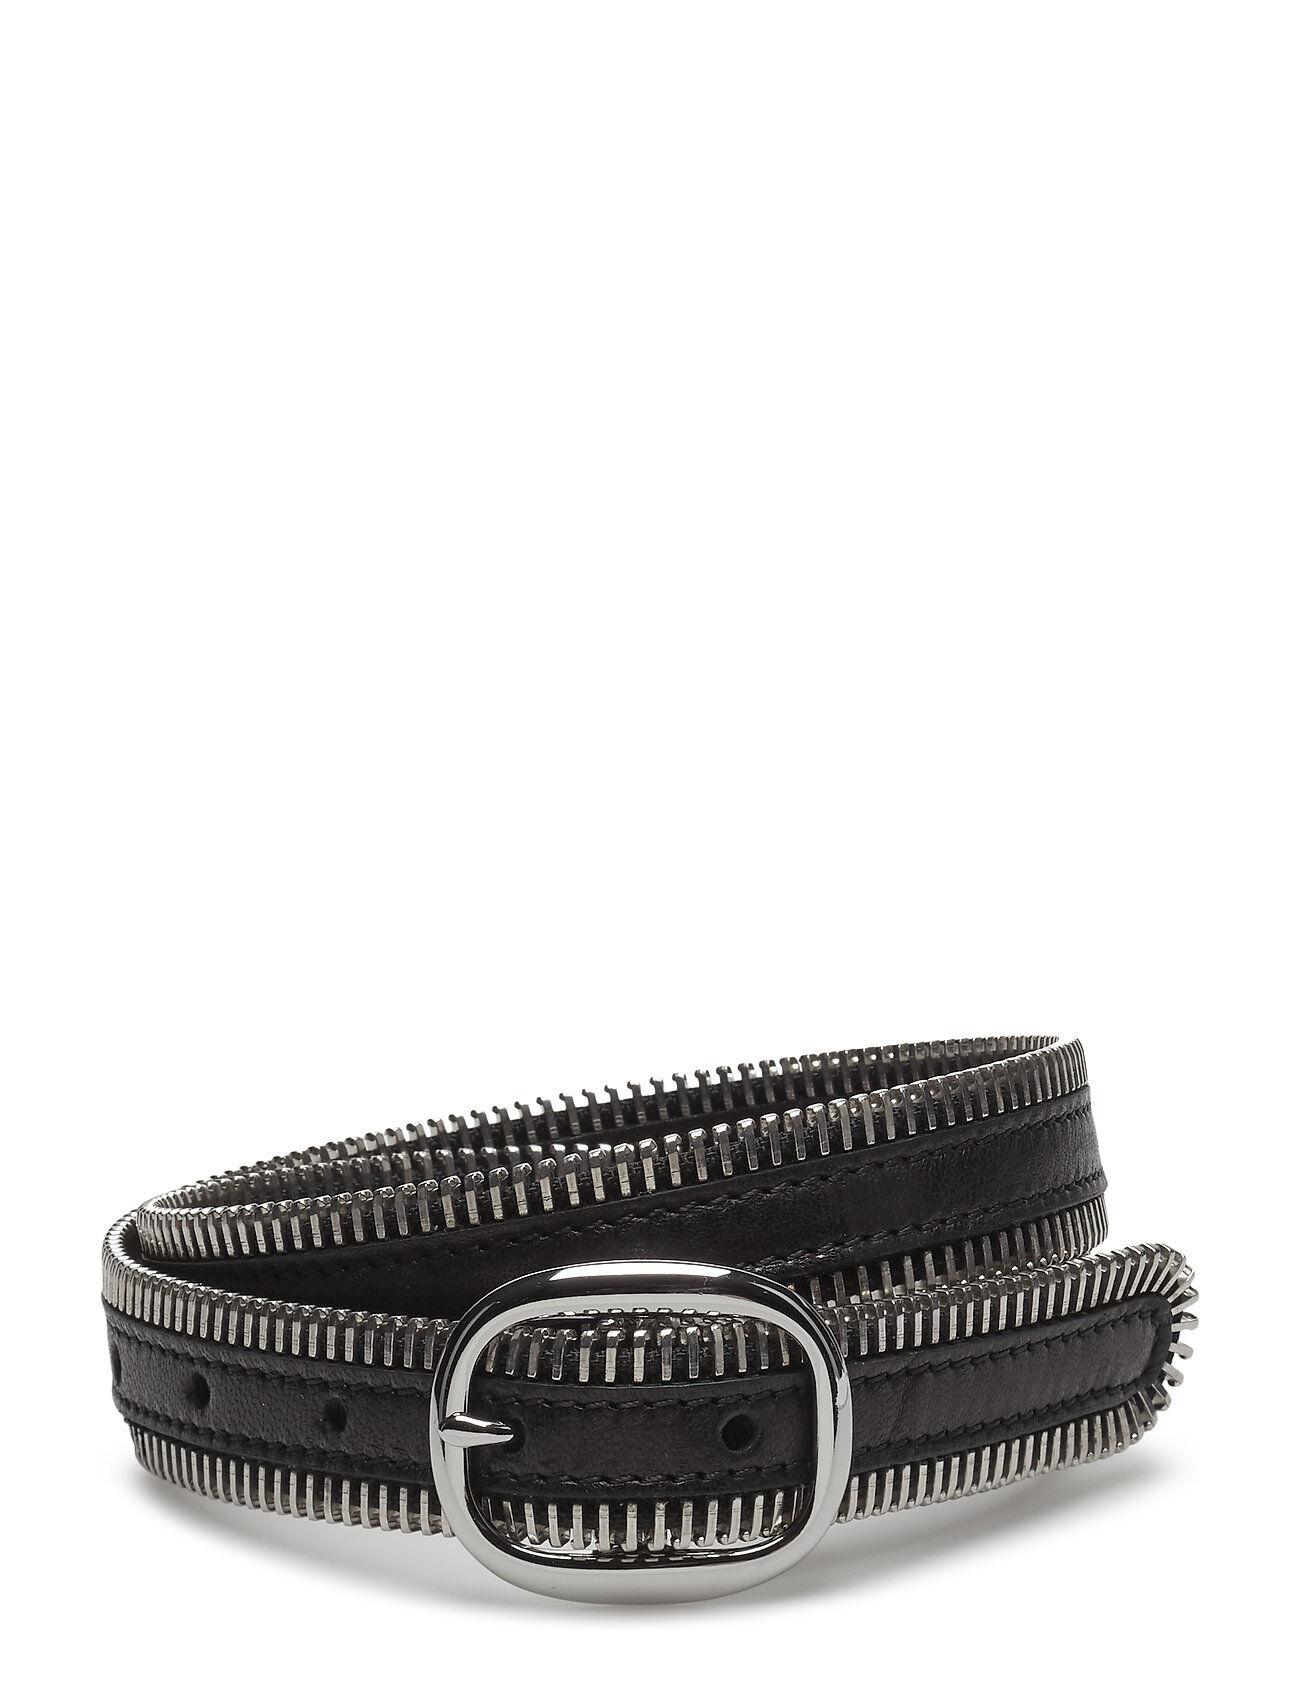 Alexander Wang Zipper Teeth Edge Belt